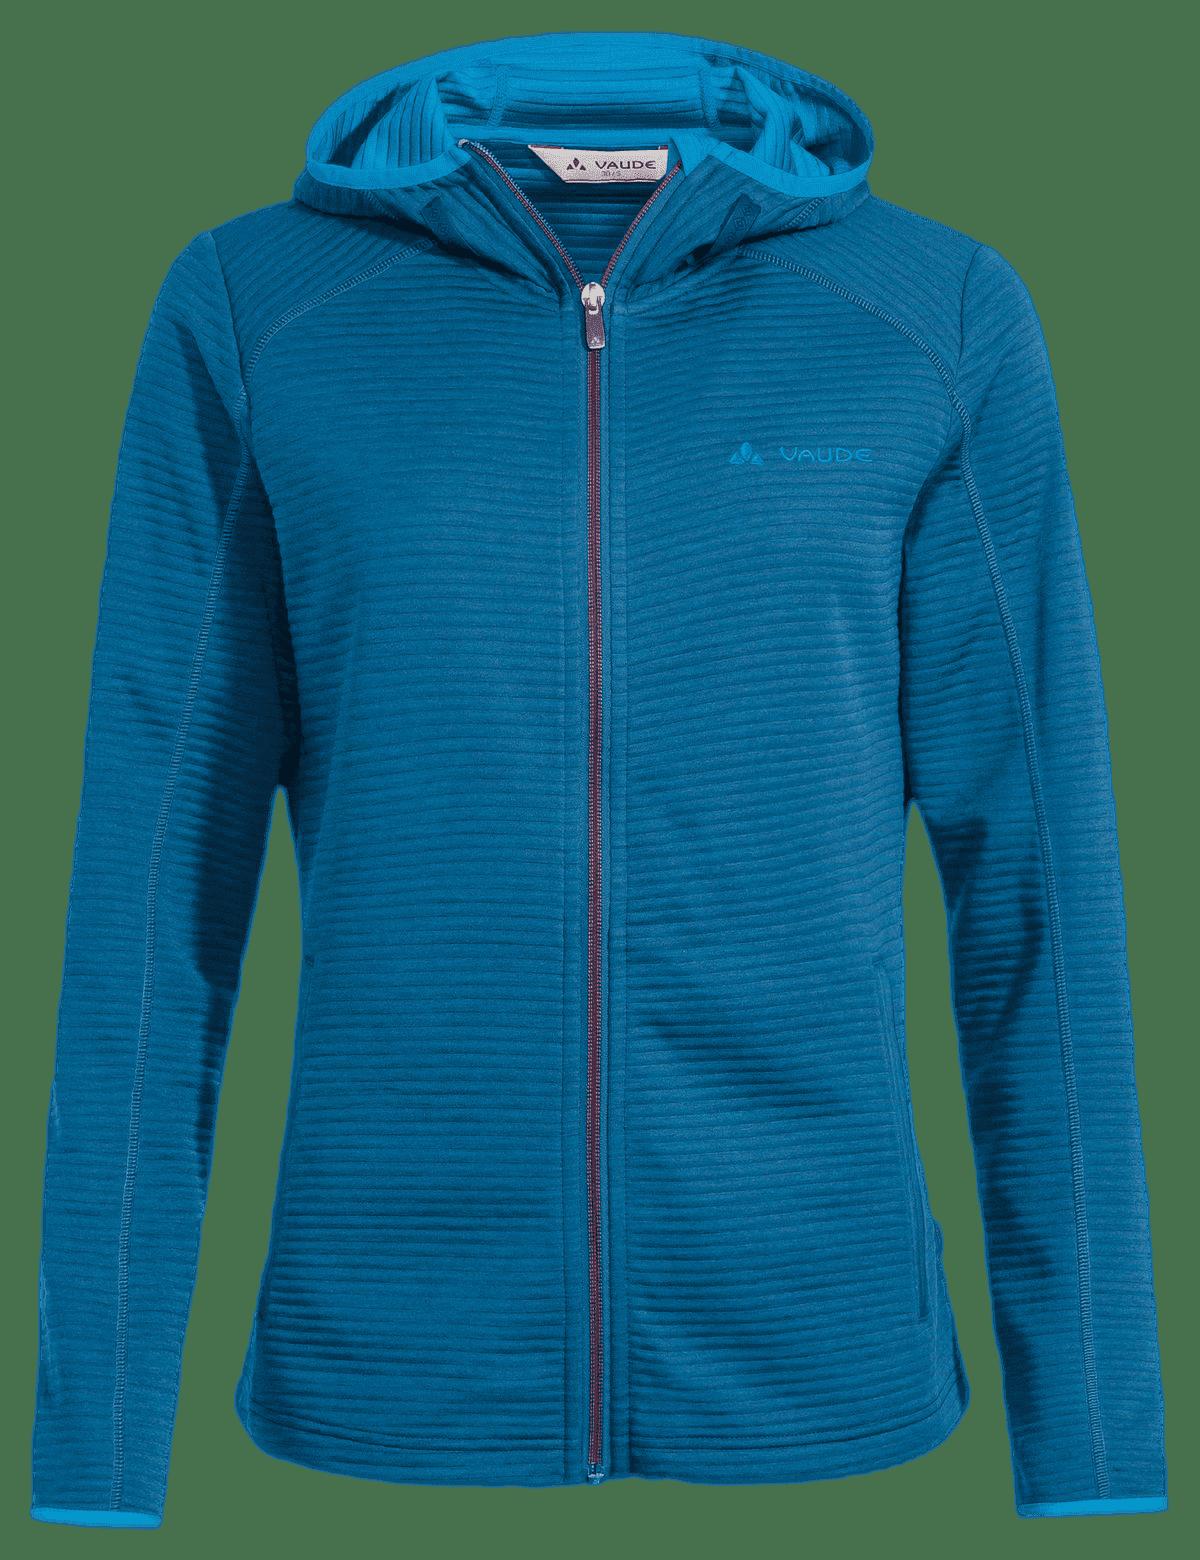 Skomer hiking jacket